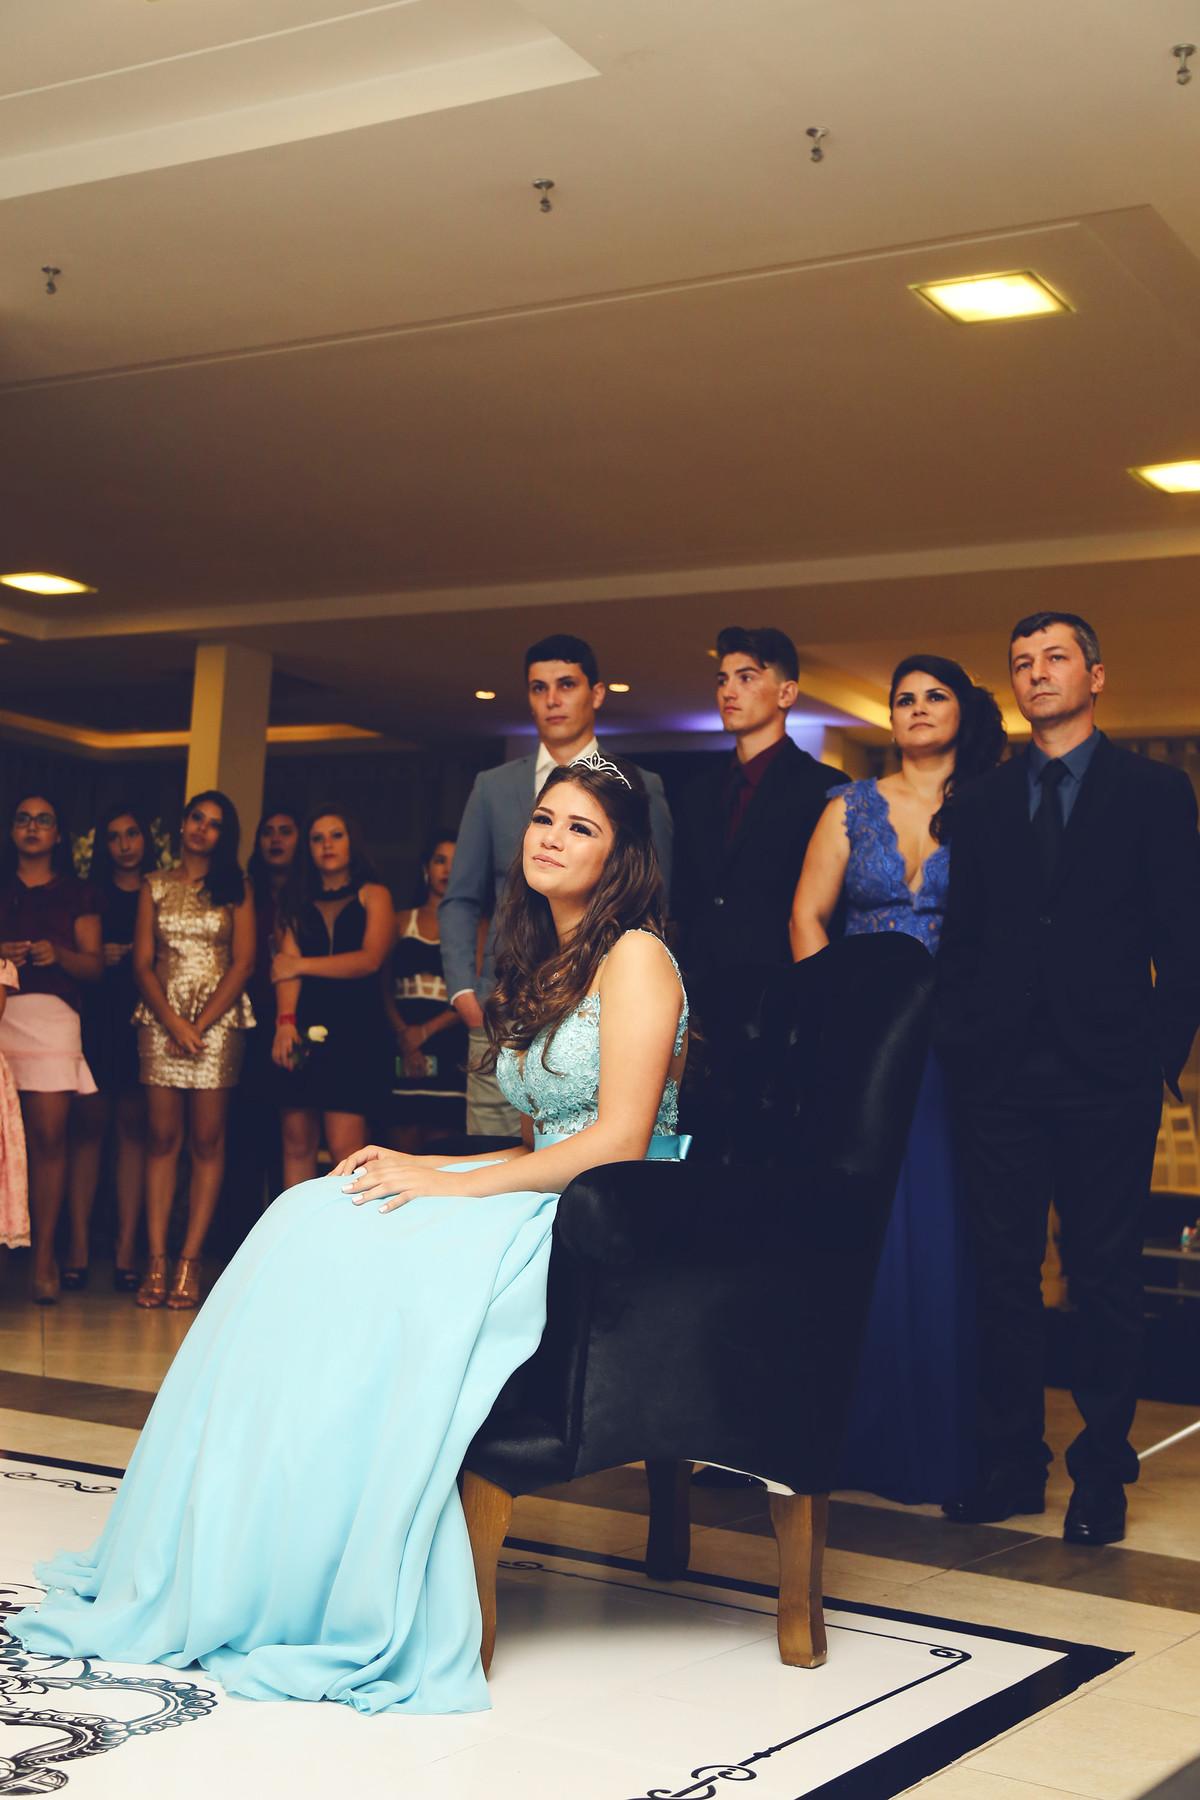 Aniversário - Aniversário 15 anos - Isadora 15 Anos - Itapema - Fotográfos de Jaraguá do Sul - Chroma Fotografia